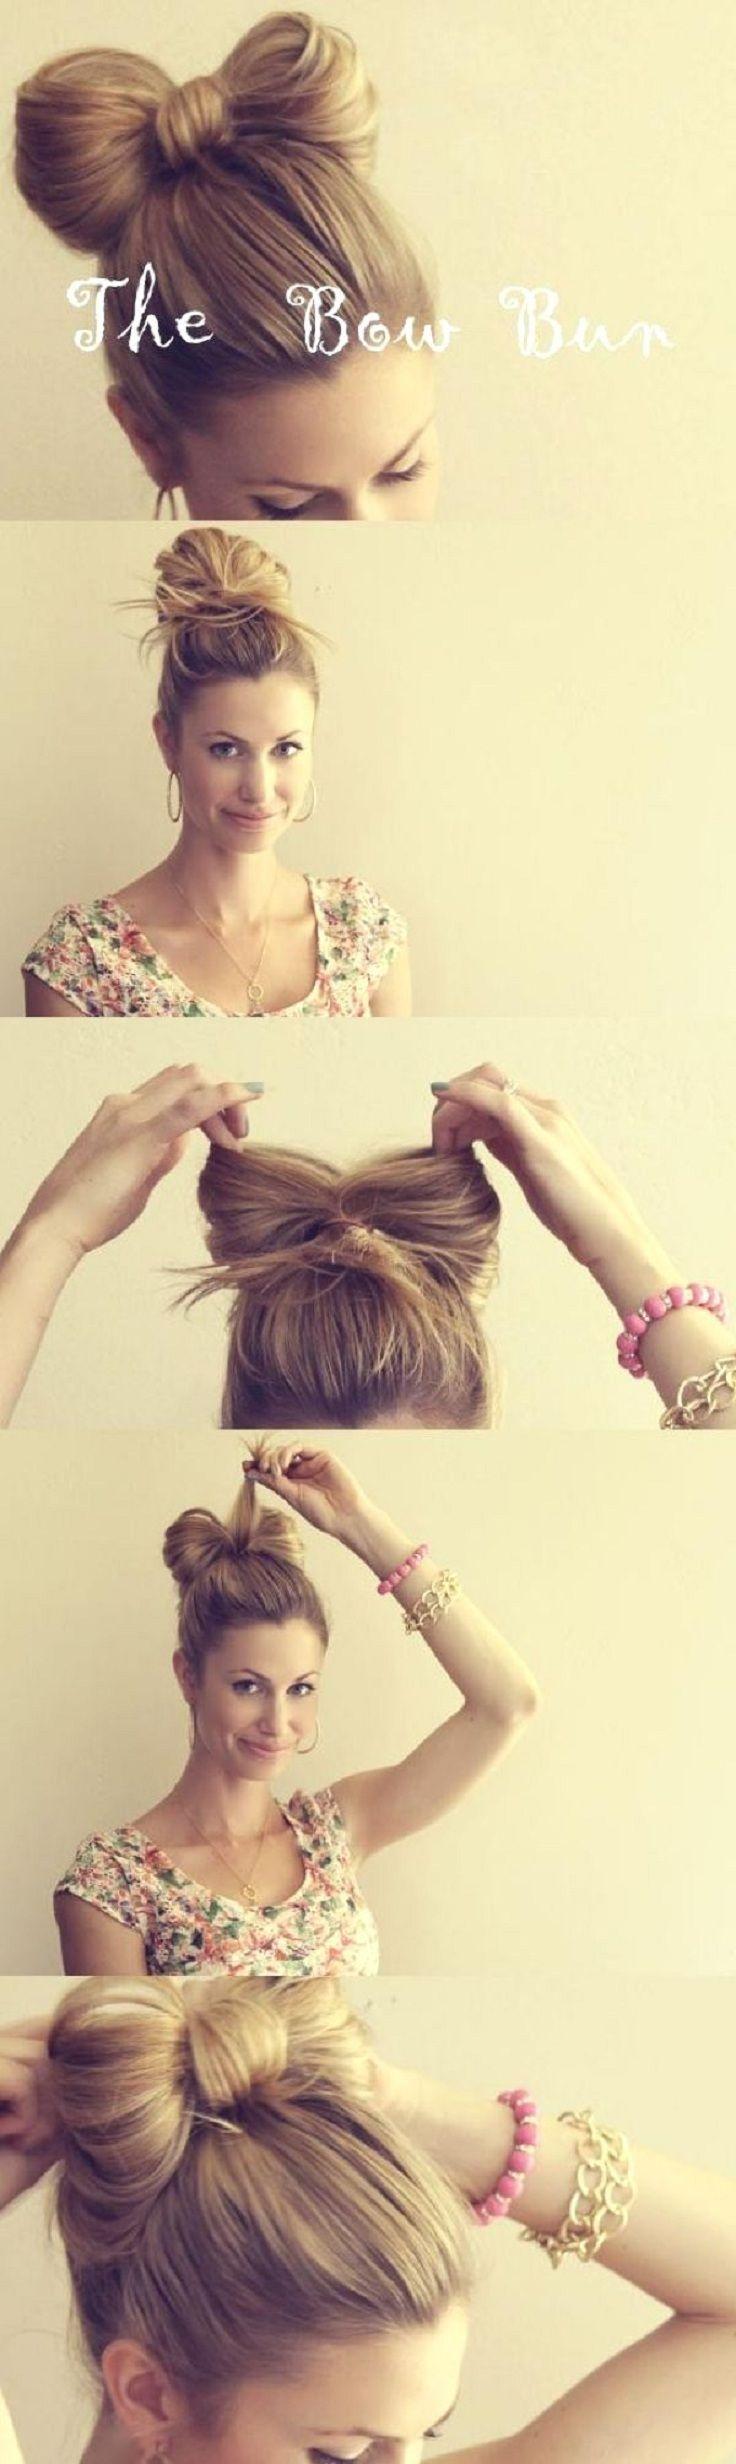 best 20+ bow hairstyle tutorial ideas on pinterest | hair bow bun